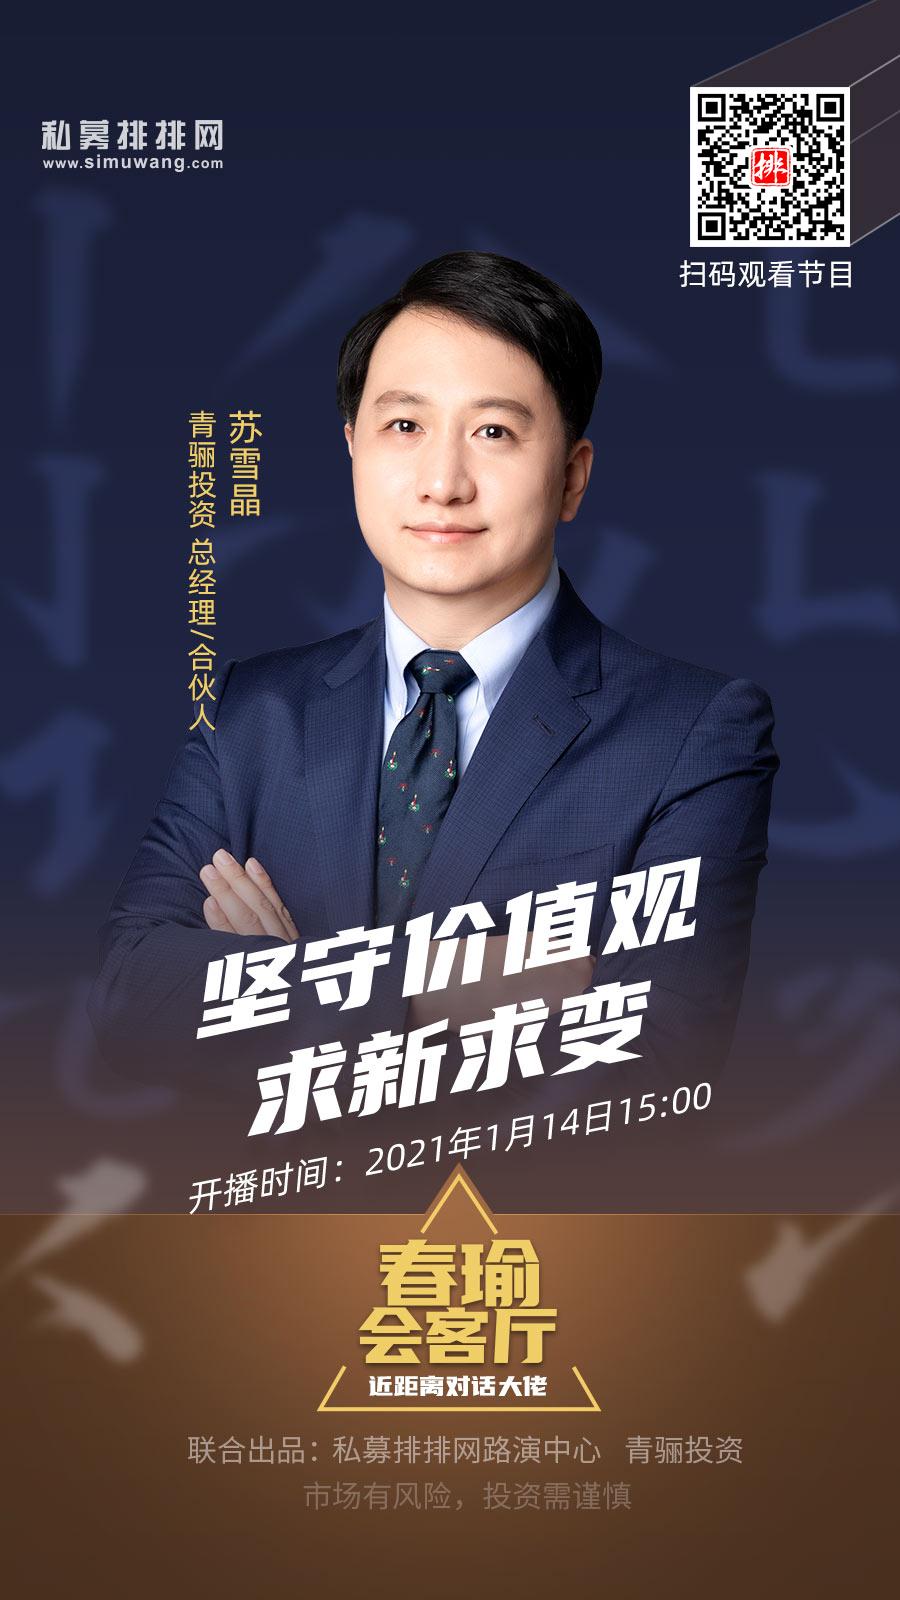 春瑜会客厅朋友圈宣传-青骊.jpg